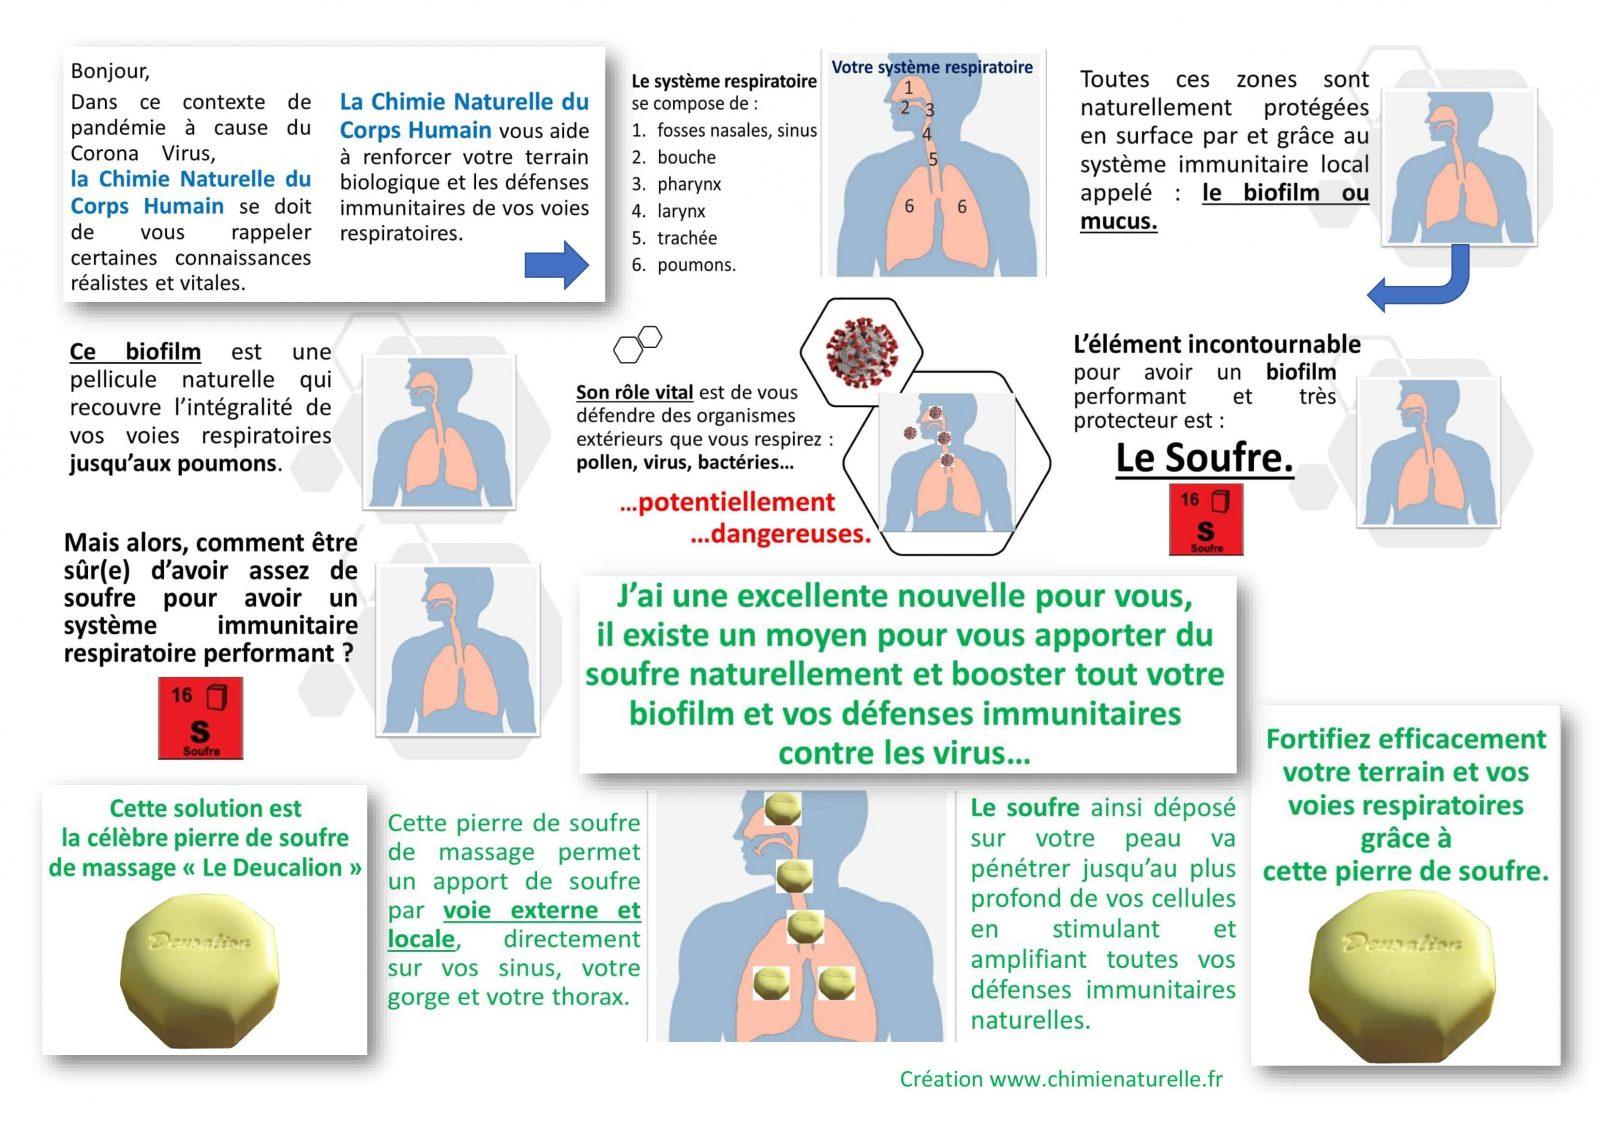 Poster soufre contre CoronaVirus et Covid19